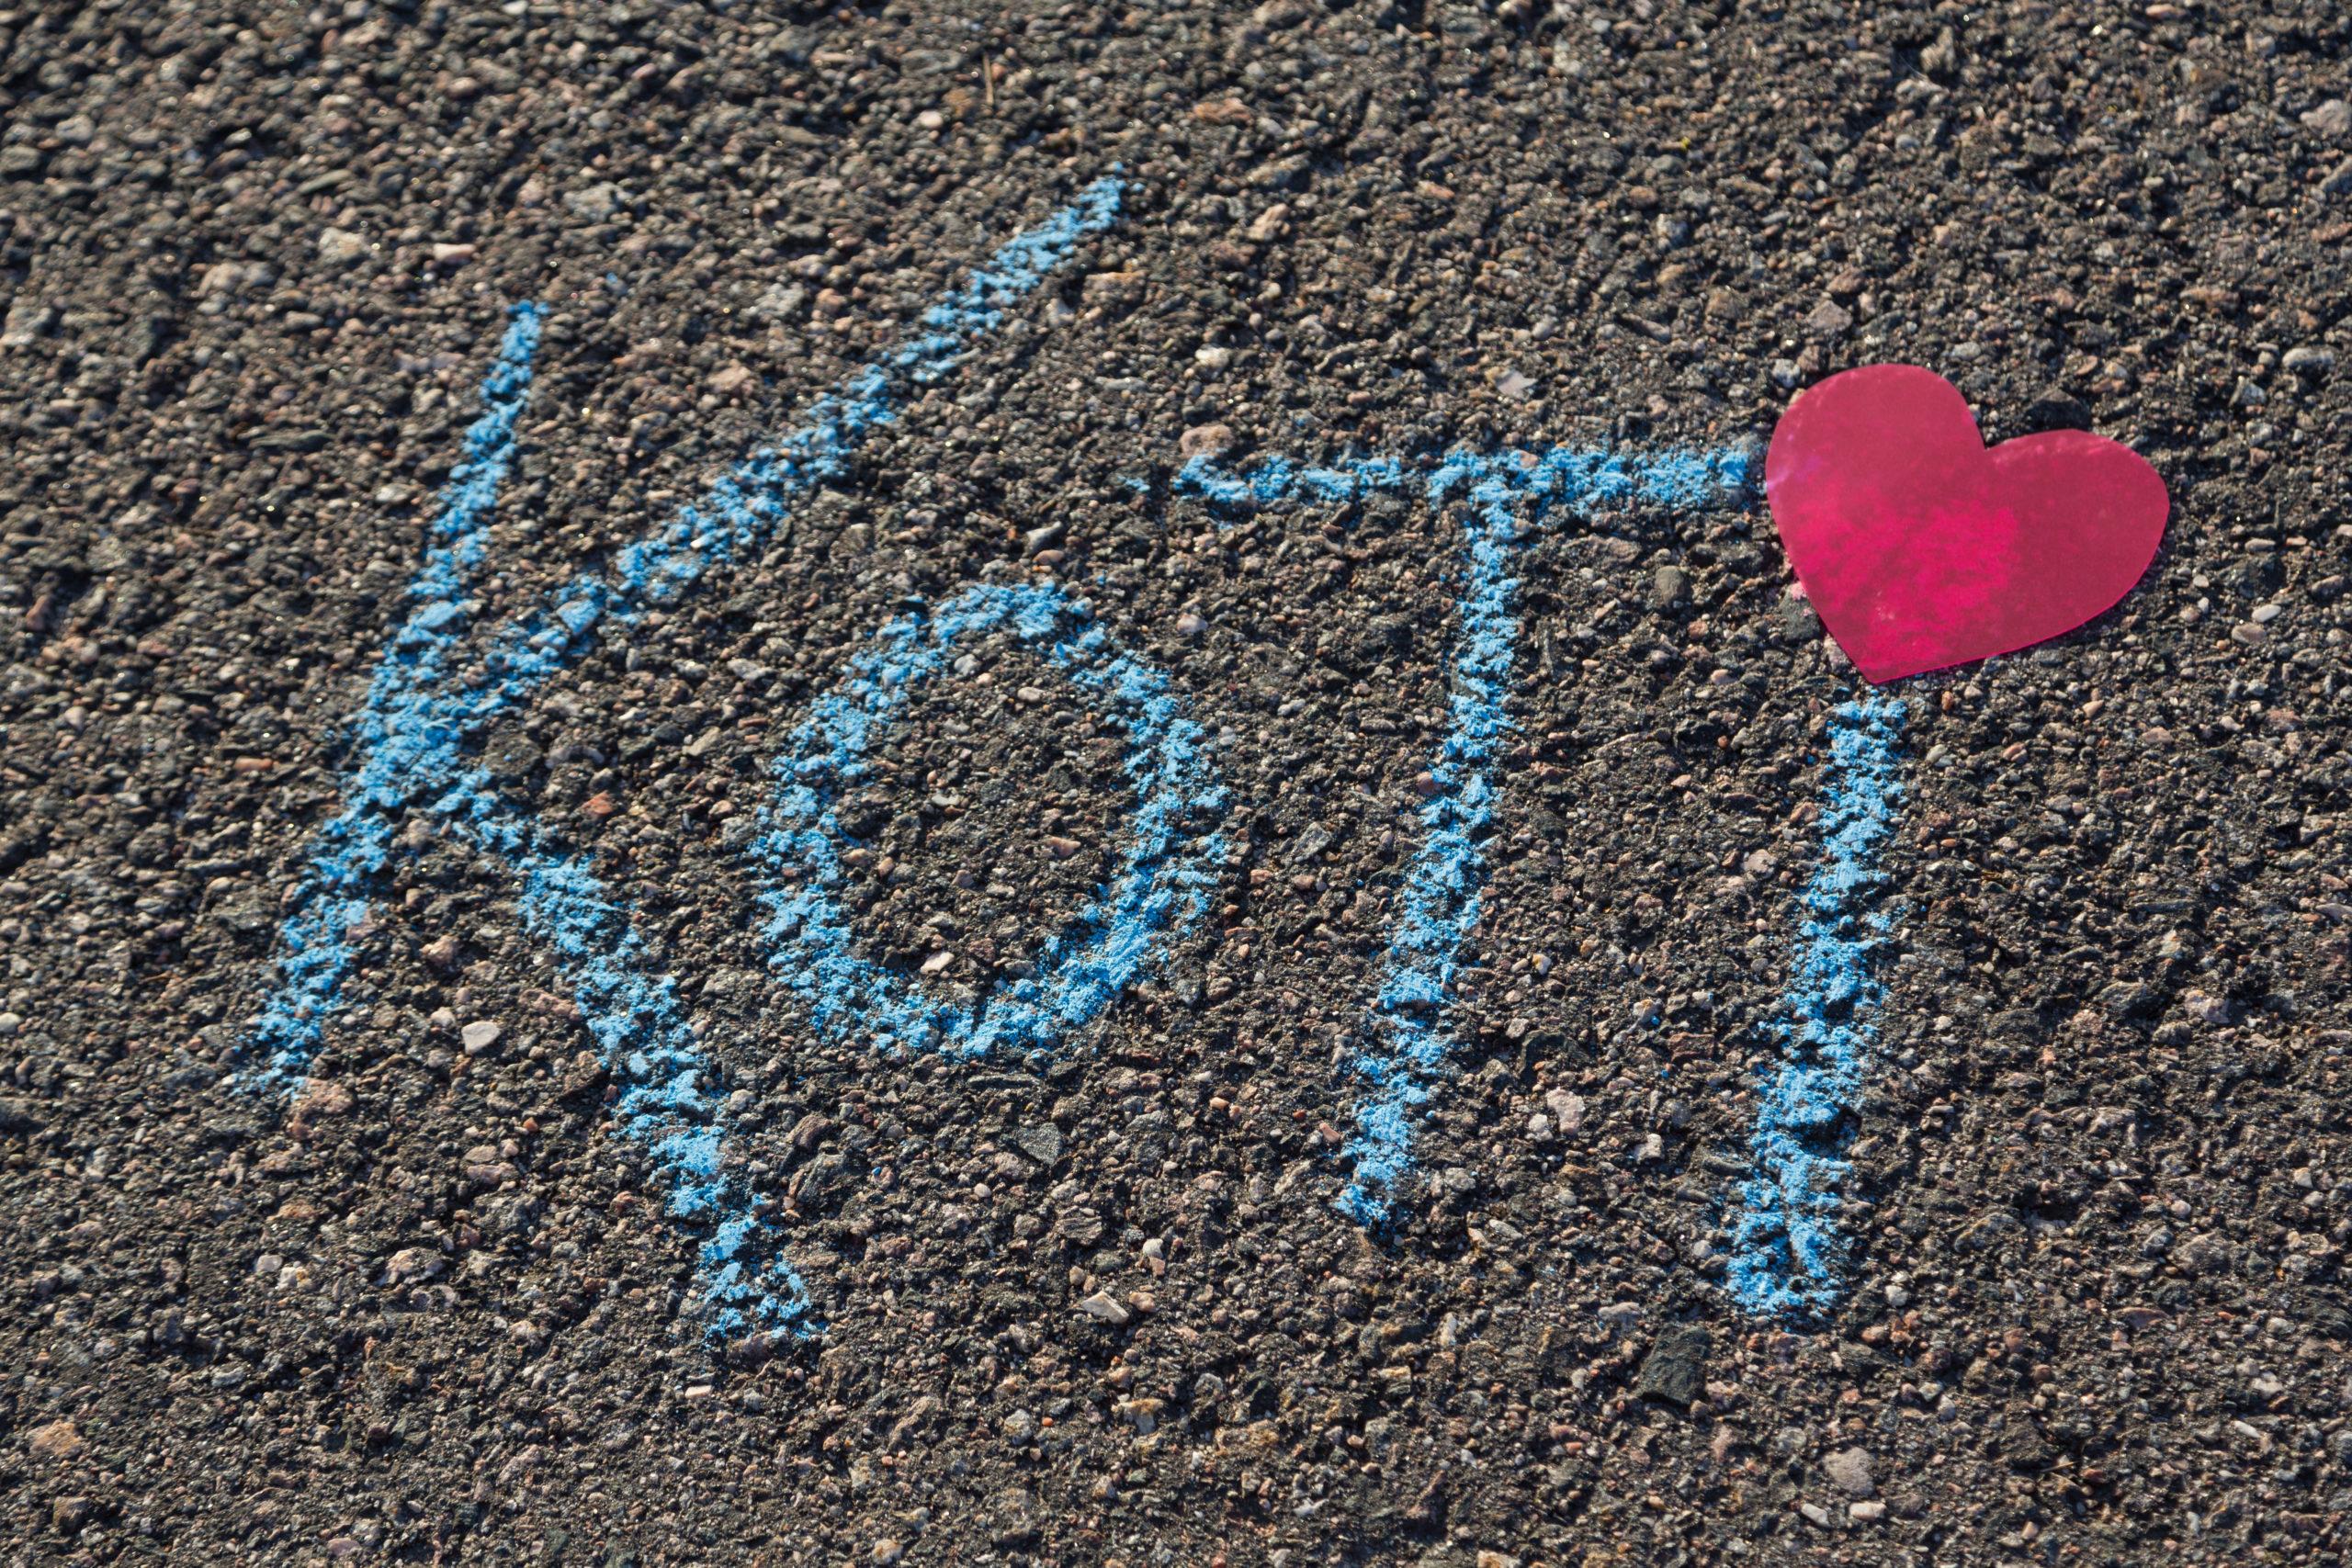 KOTI-teksti sinisellä liidulla piirrettynä asvaltissa, missä ii:n pisteenä sydän